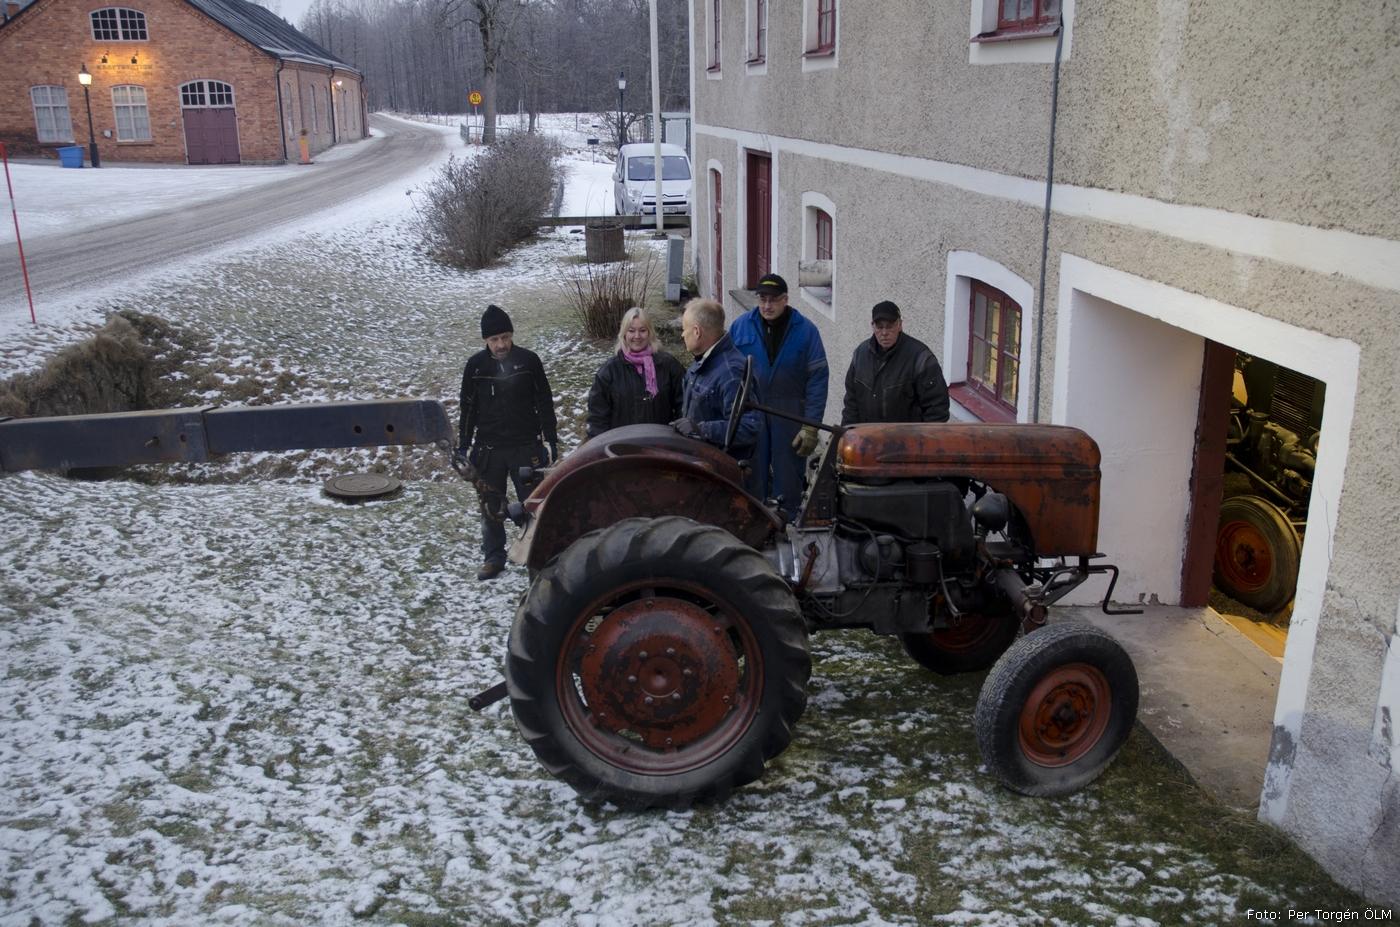 2012-02-10_013_Tekniska_kvarnen